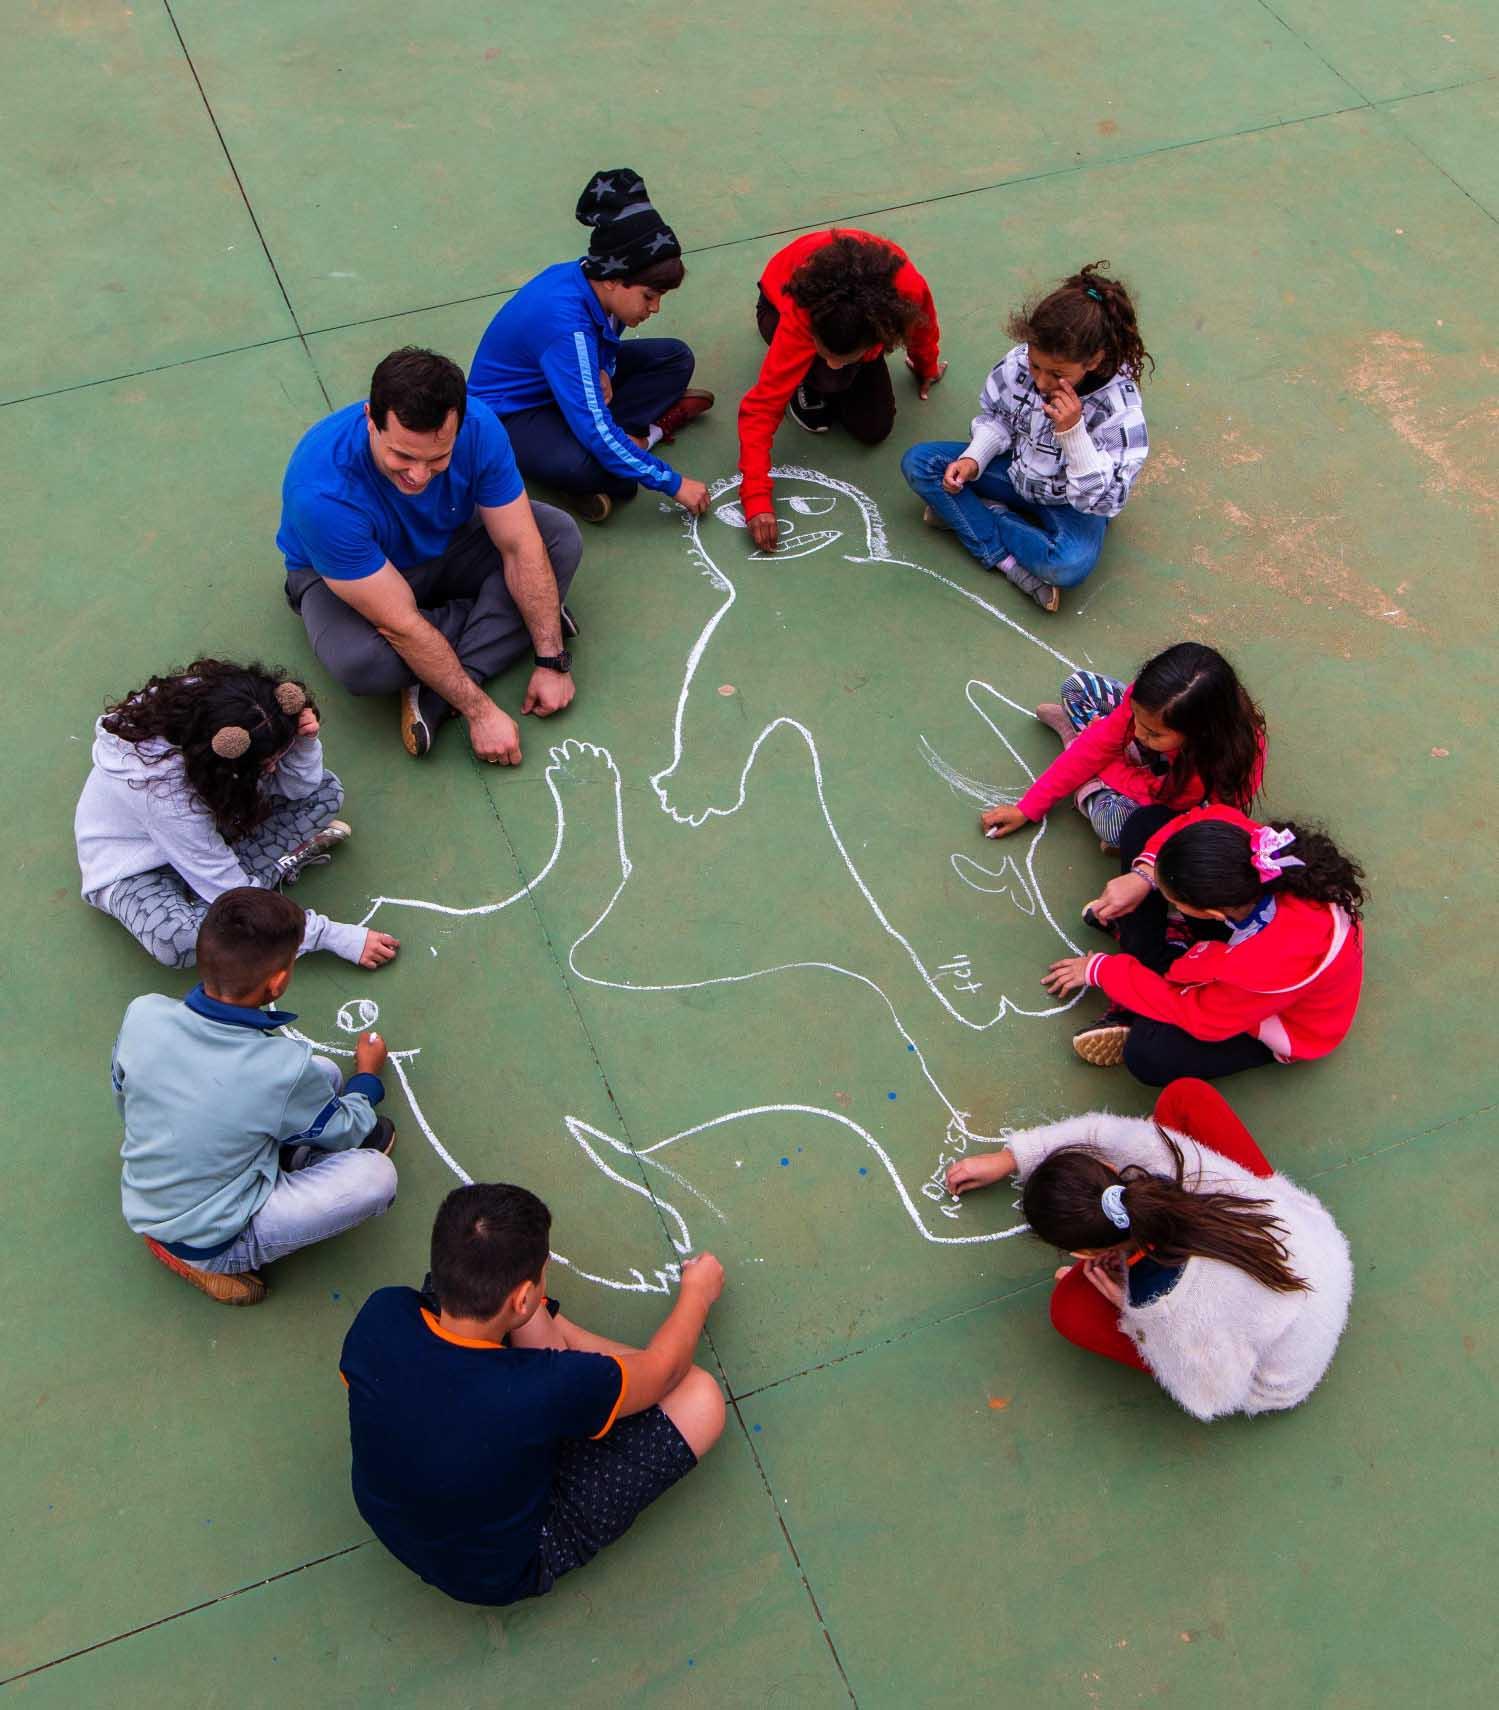 Imagem aérea do professor Luiz Gustavo e sua turma desenhando corpos no chão da quadra poliesportiva, usando giz. Fim da descrição.